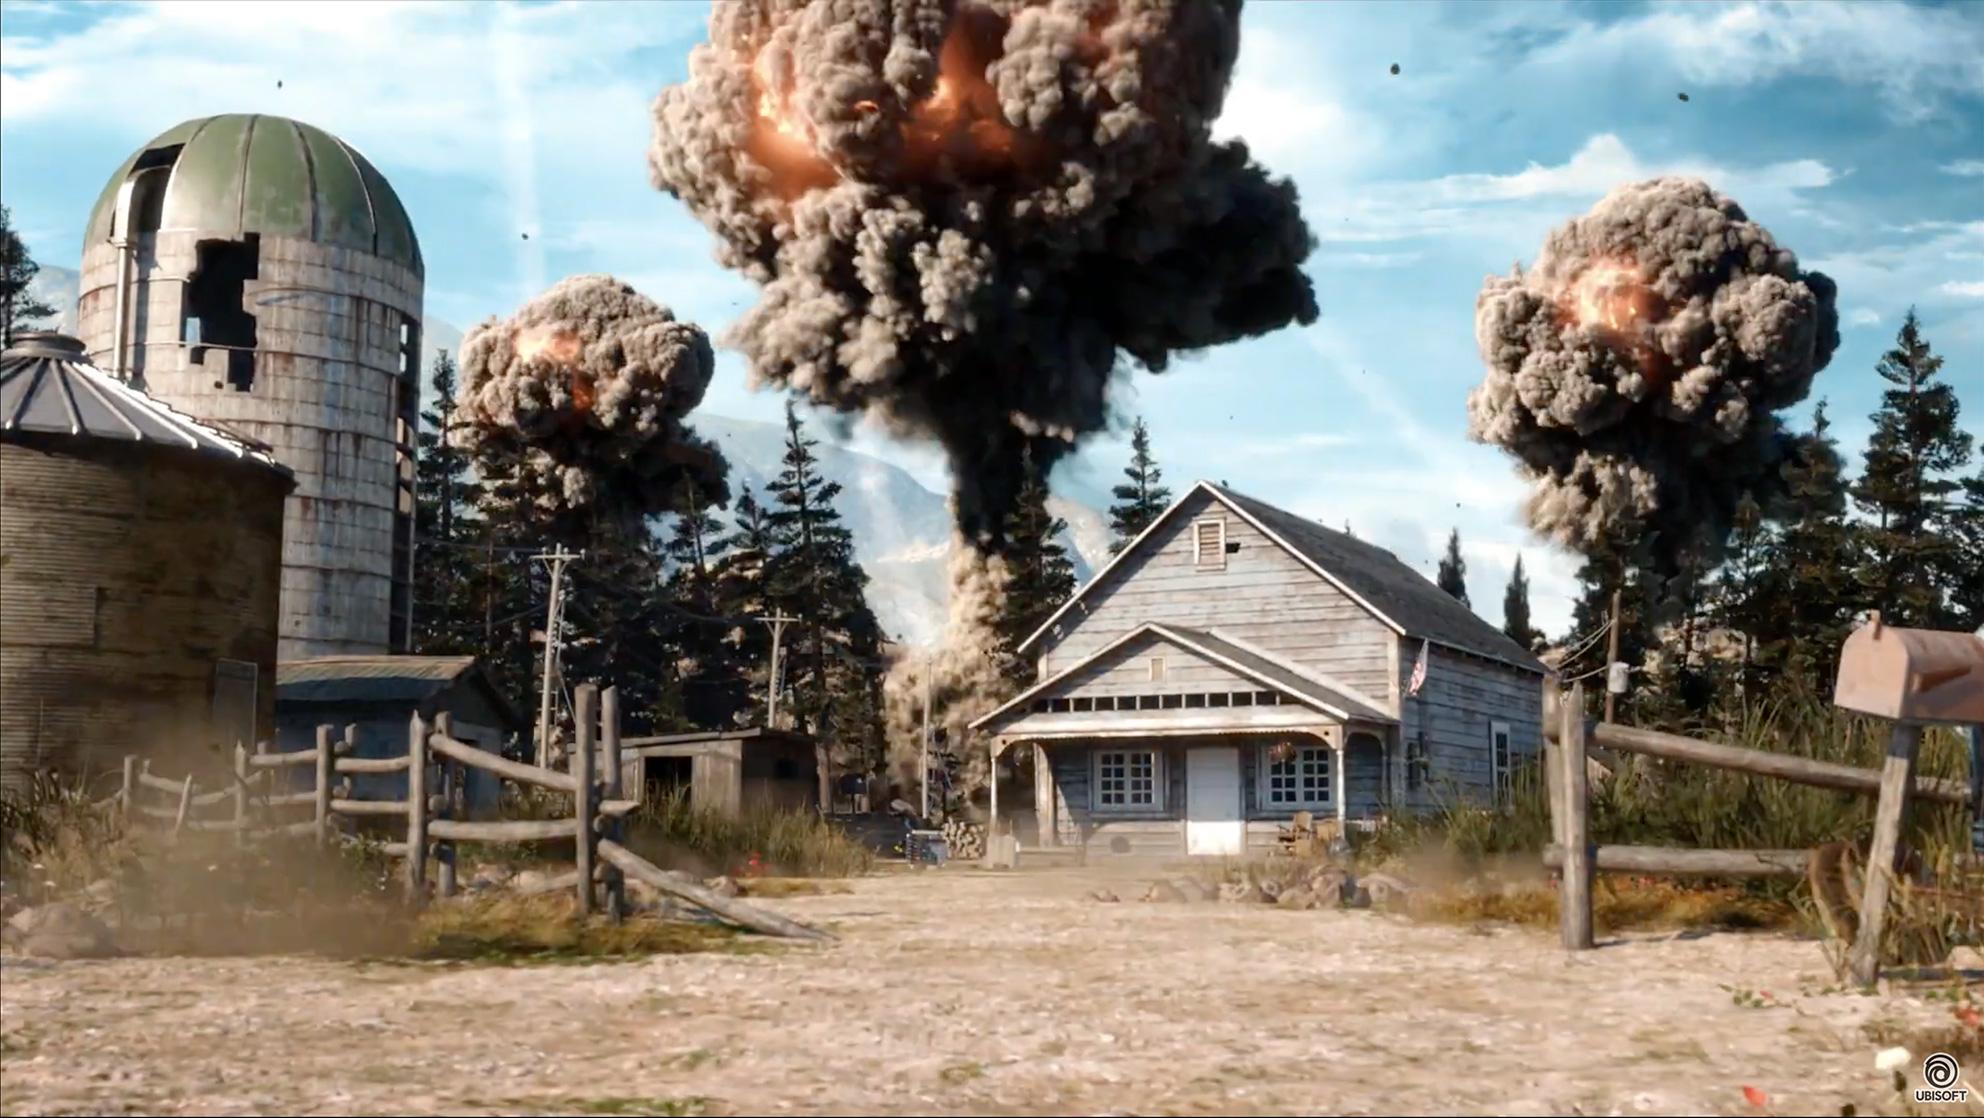 """Außer """"Rage 2"""" bekommt das nächste Jahr noch einen postapokalyptischen Ego-Shooter: """"Far Cry: New Dawn"""" erscheint schon am 15. Februar und erzählt die Geschichte von """"Far Cry 5"""" weiter."""